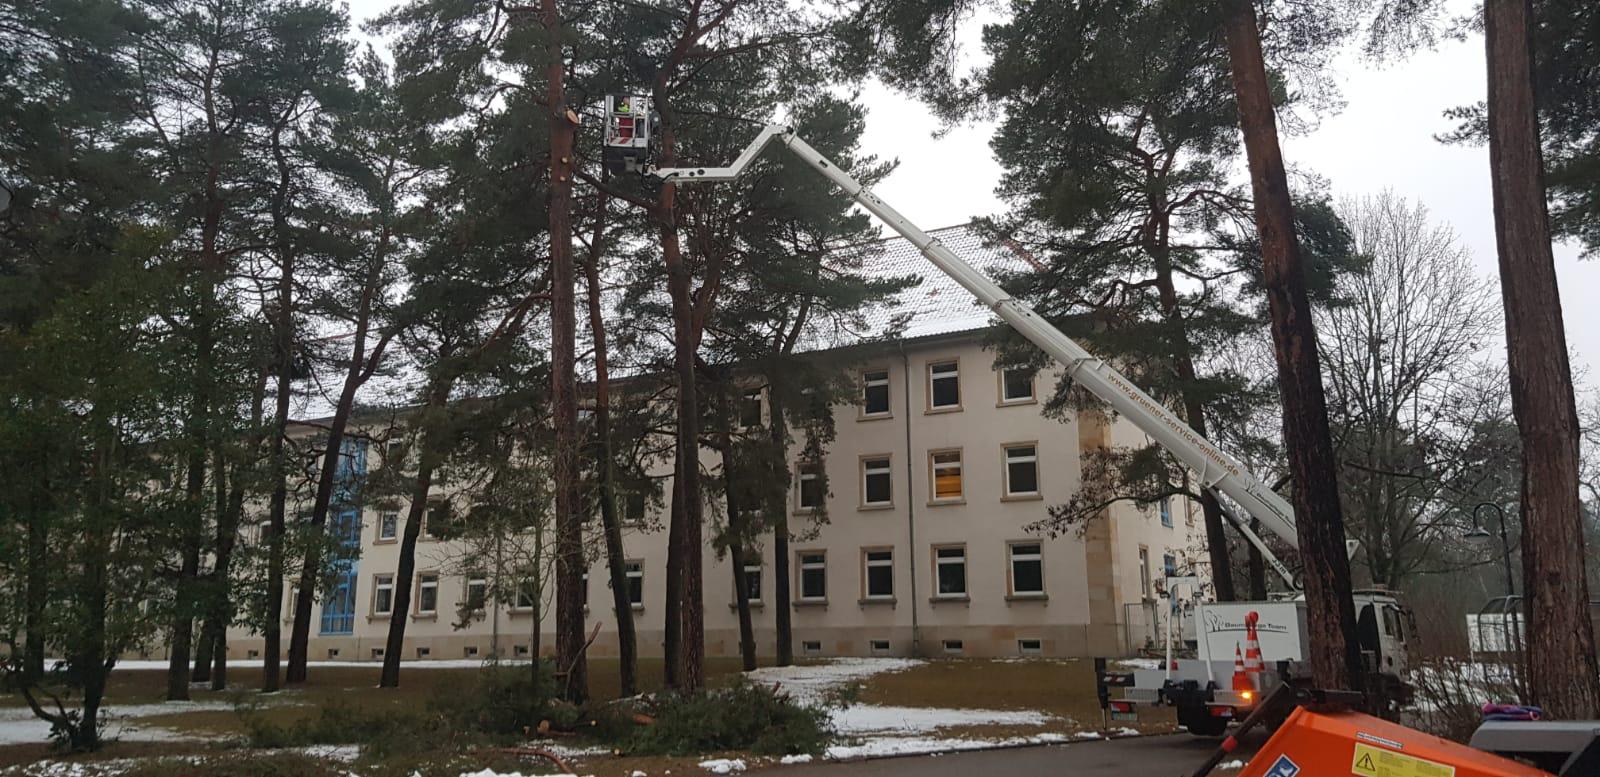 Baumpflege in Cottbus / Havarieeinsatz